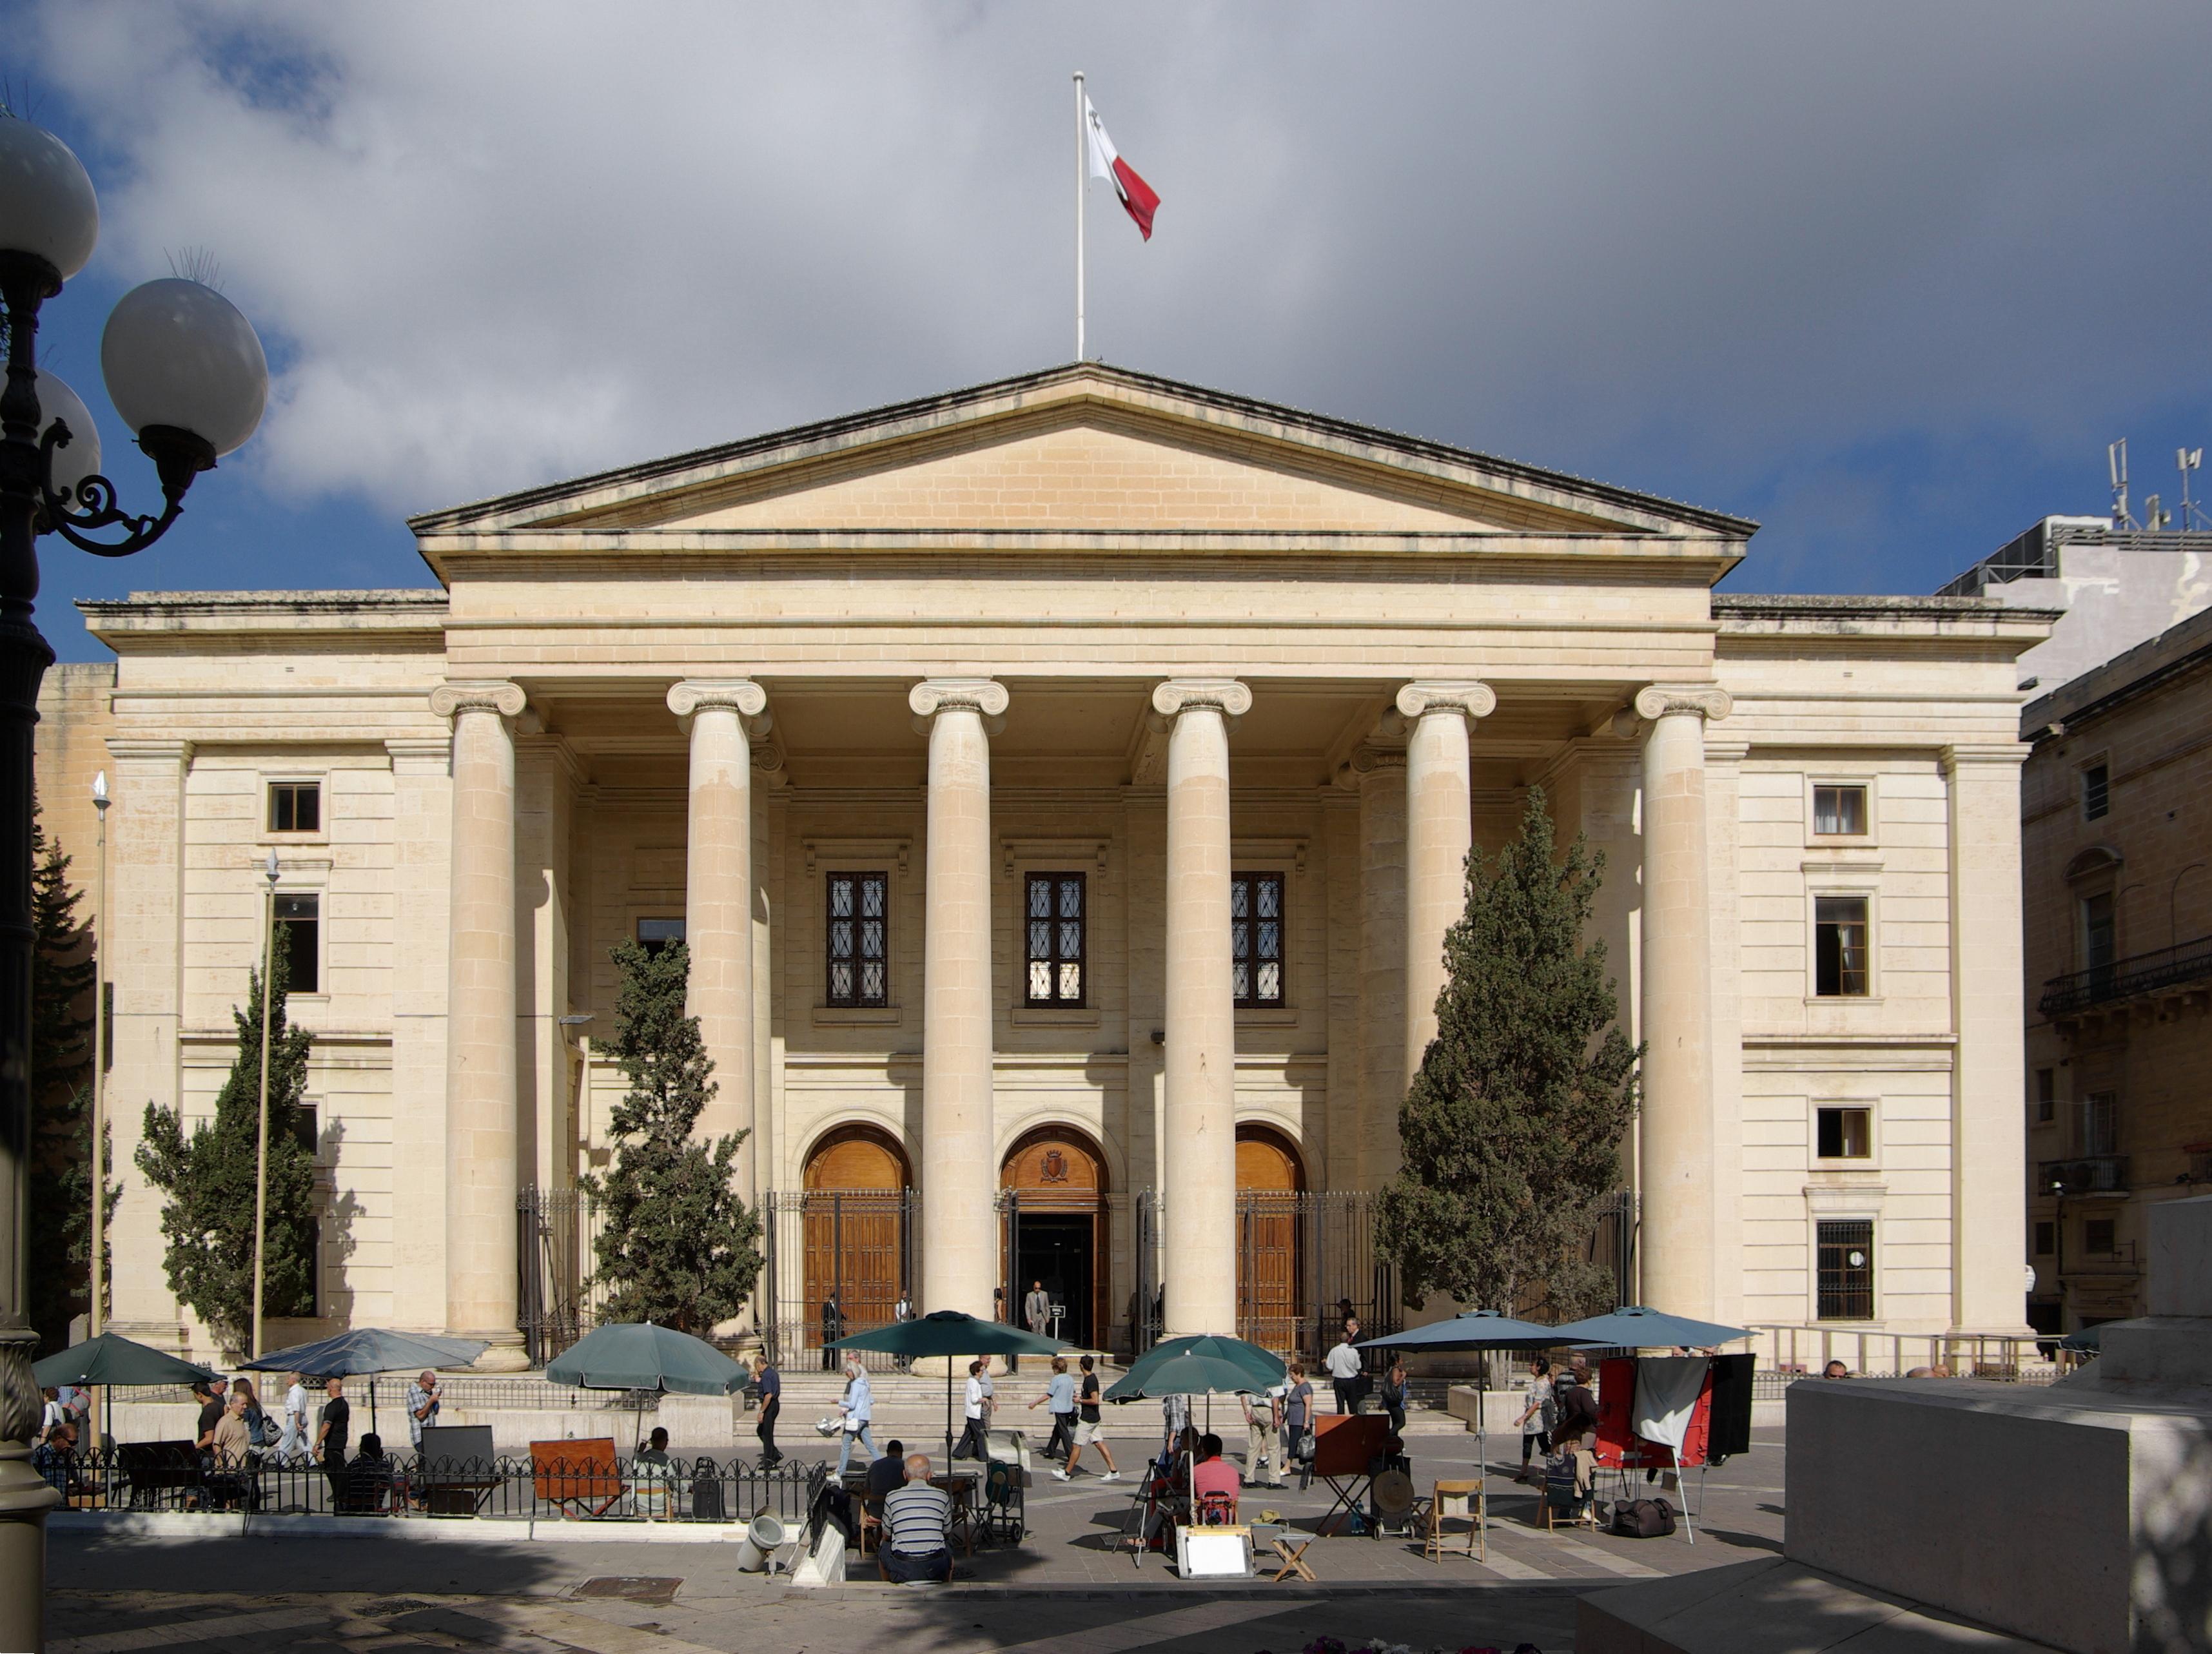 Courthouse Malta